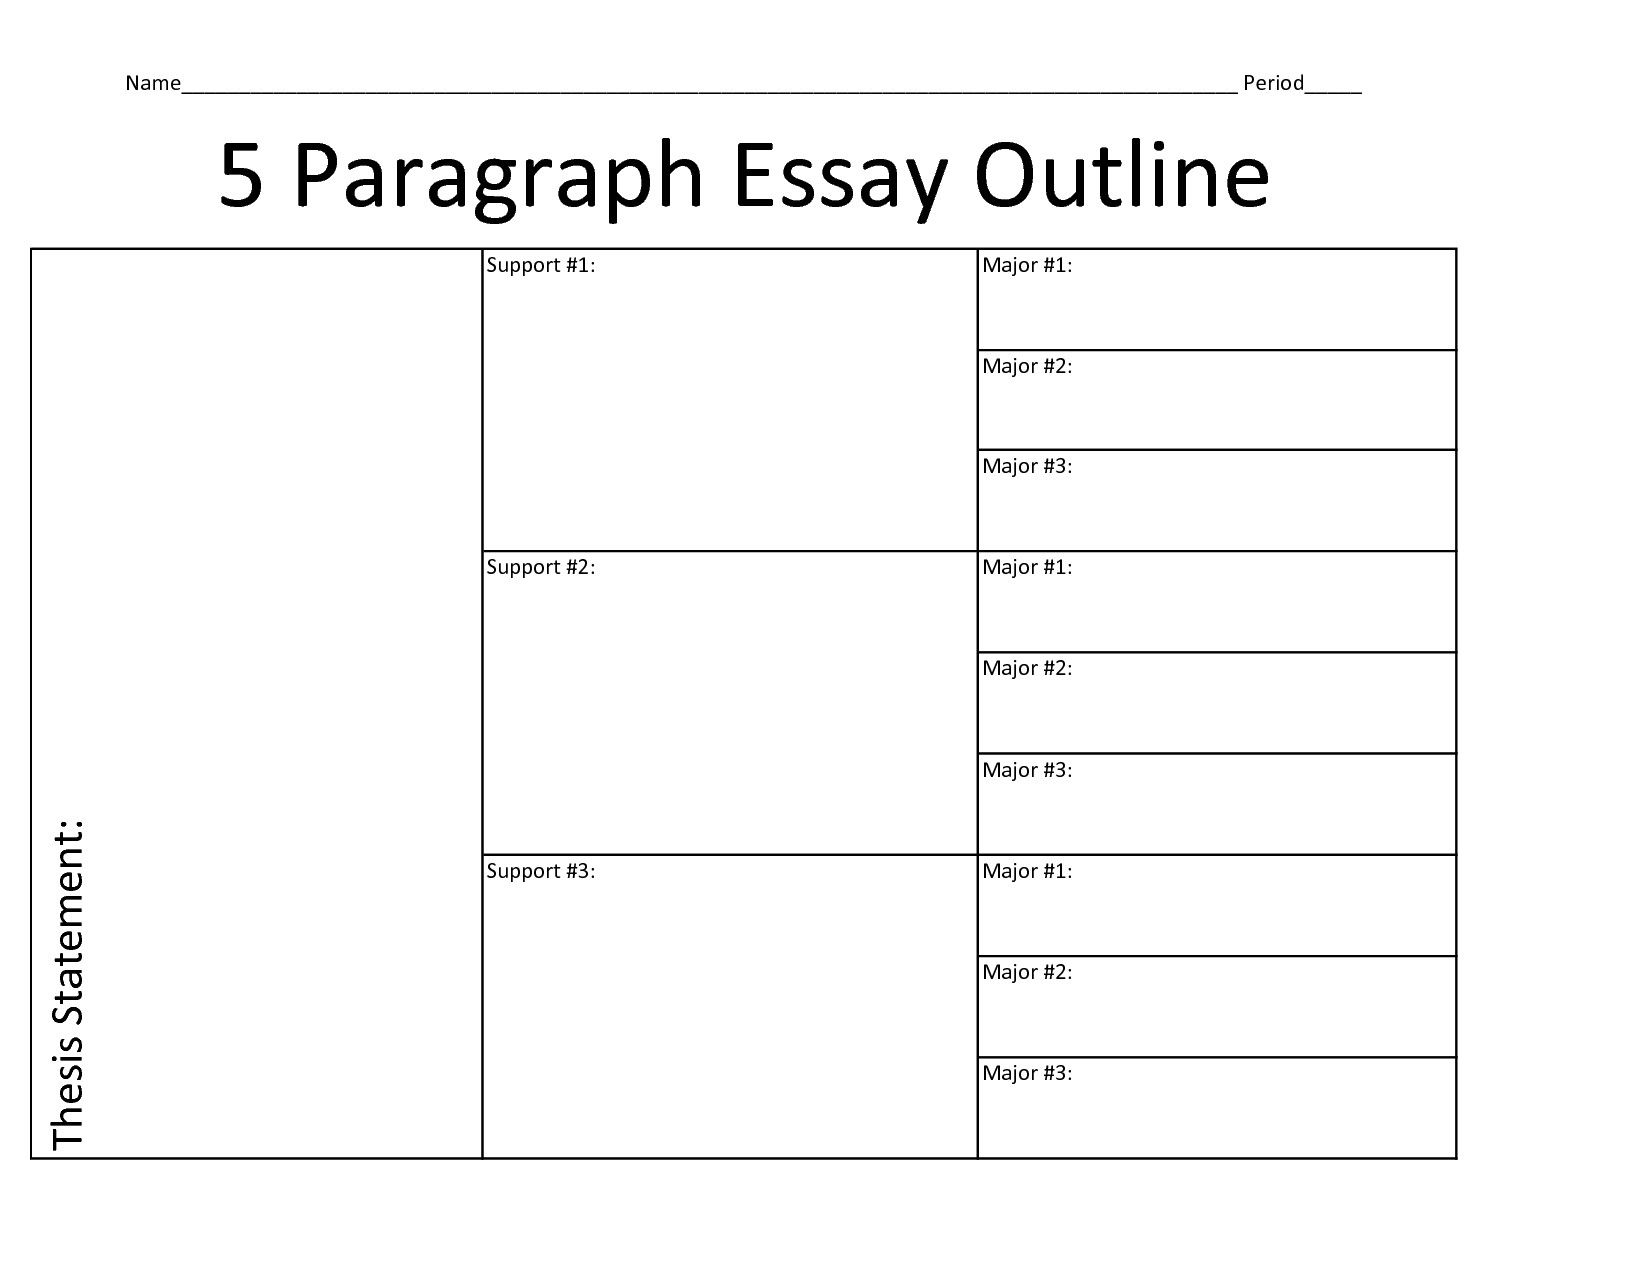 5 Paragraph Essay Outline Template Excellent Essay Outline